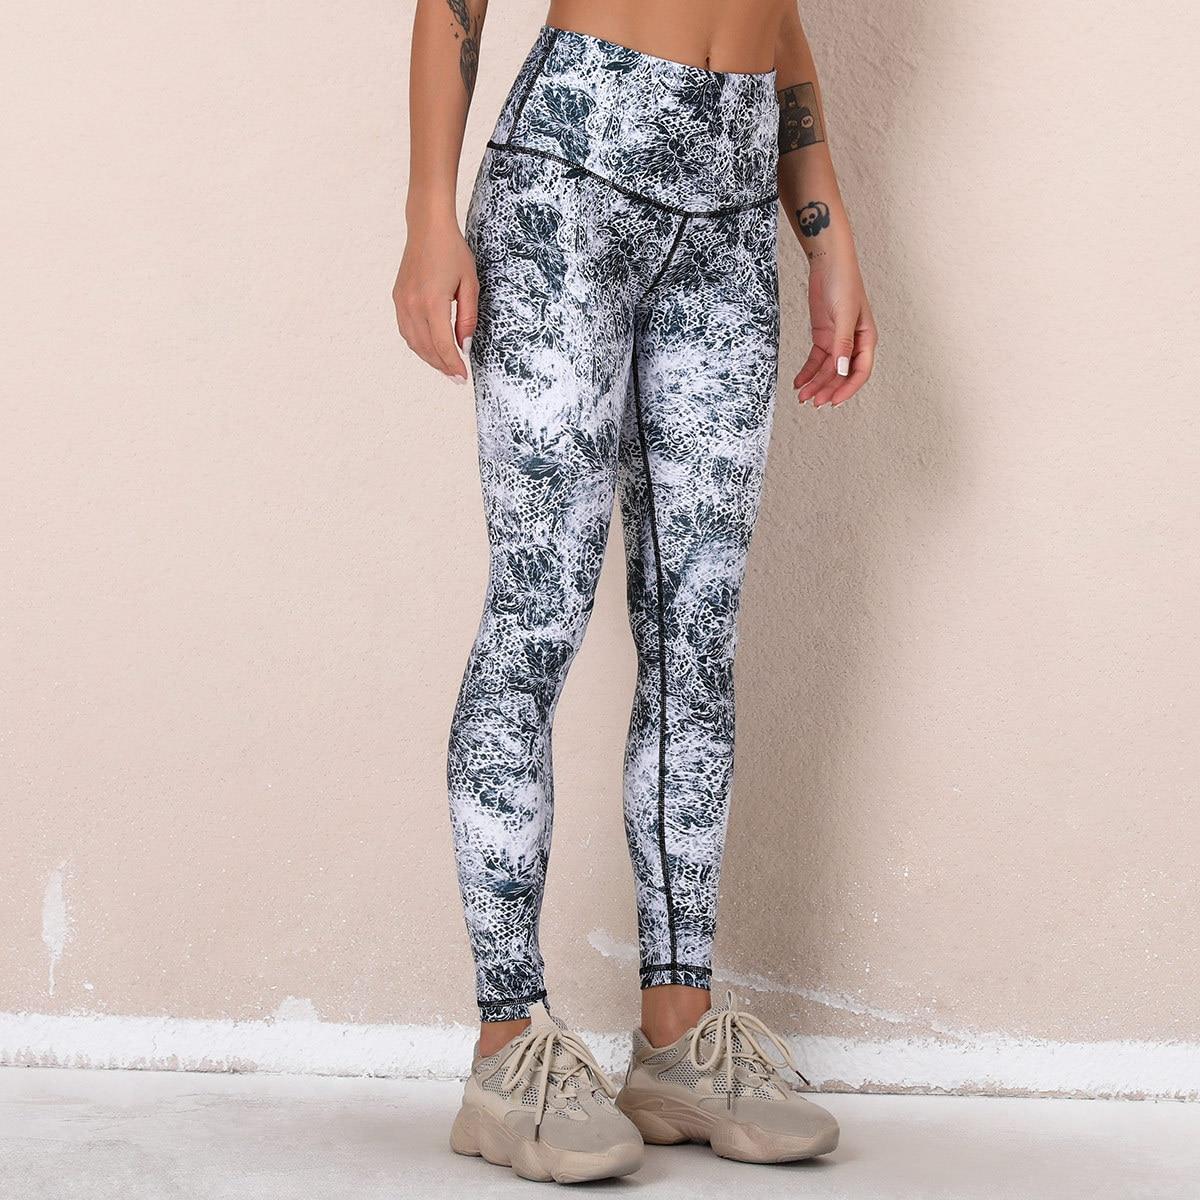 Бесшовные спортивные штаны для тренировок и йоги, женские леггинсы, штаны для фитнеса, брюки для тренажерного зала, бега, йоги, женские спорт...